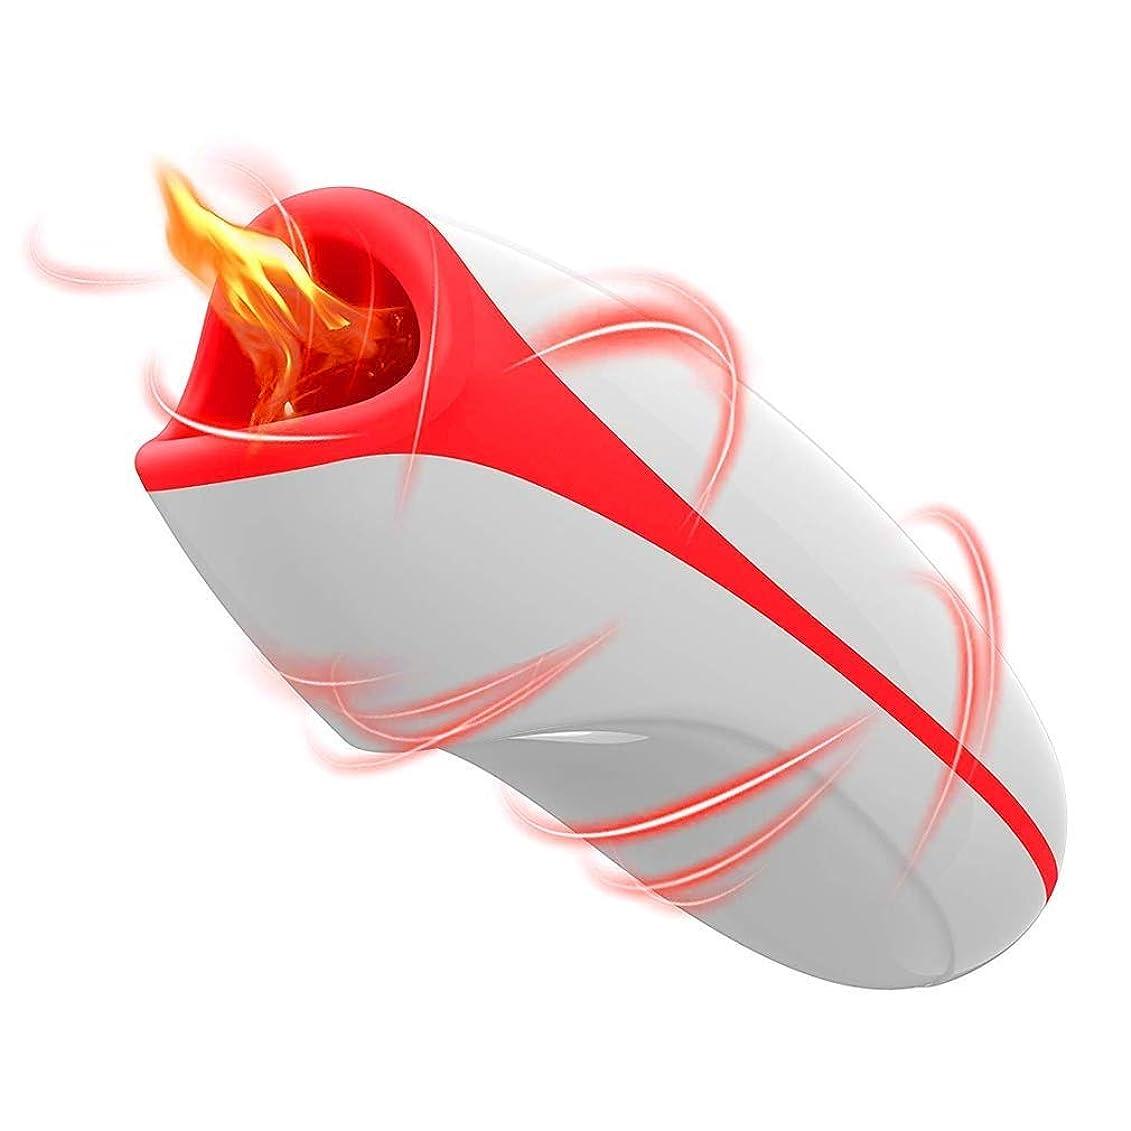 逸脱キャンプ皮肉3Dサラウンド玉リグル吸いマッサージインテリジェント暖房クリープUSB Chagringマルチ周波数モードスーパー刺激プライベート包装